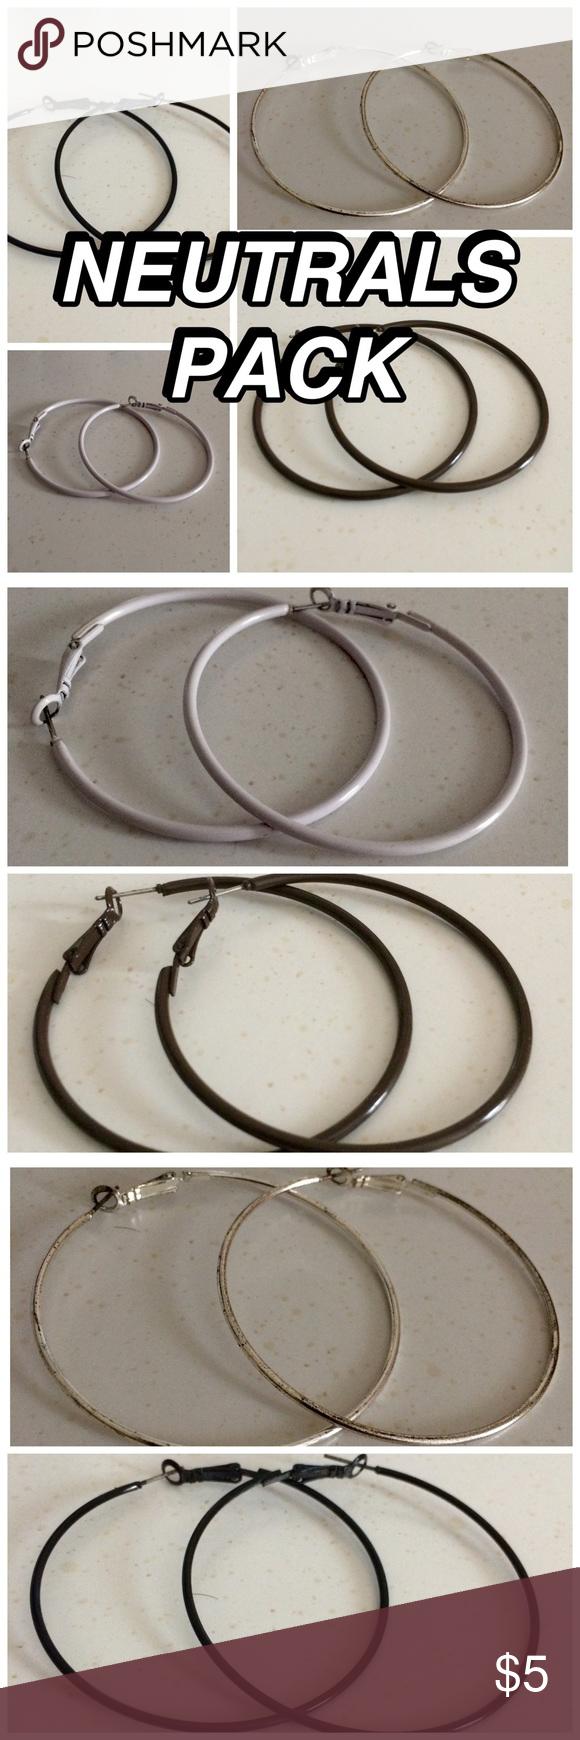 Hoop Earrings Pack of 4 hoop earrings. Colors: black, white, silver, dark brown BOGO50 Jewelry Earrings